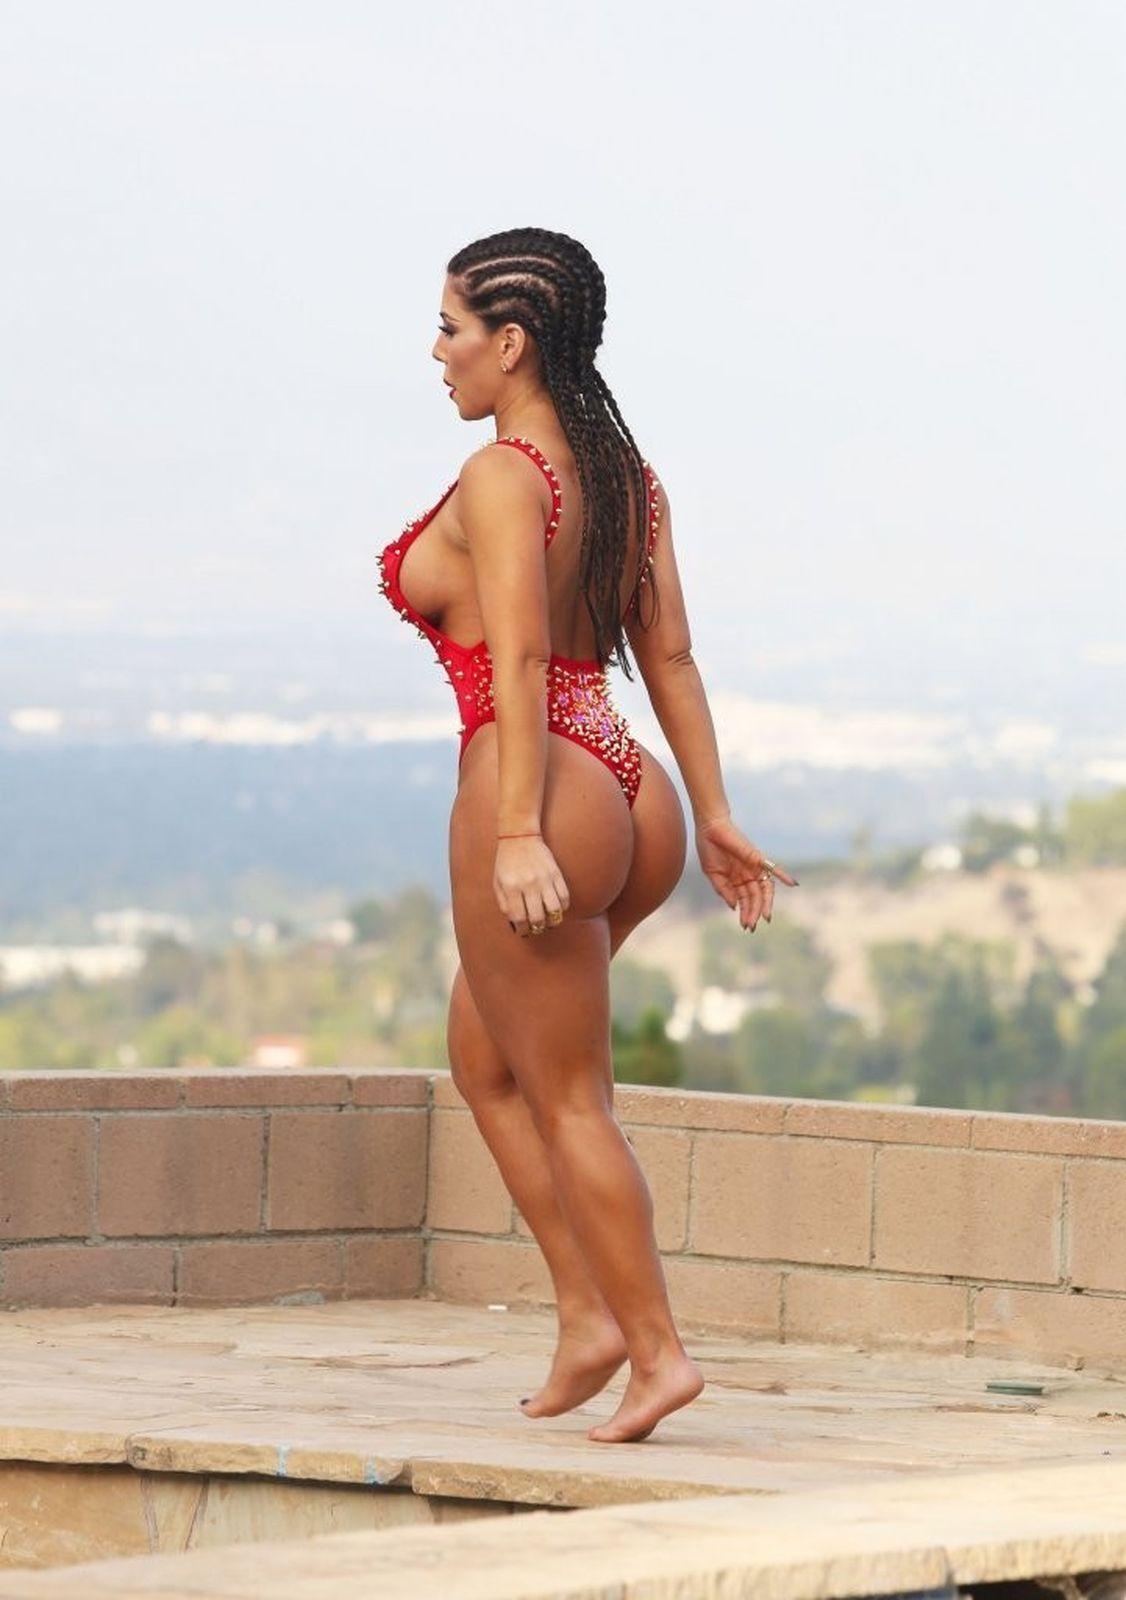 lohan playboy magazine nude Lindsay